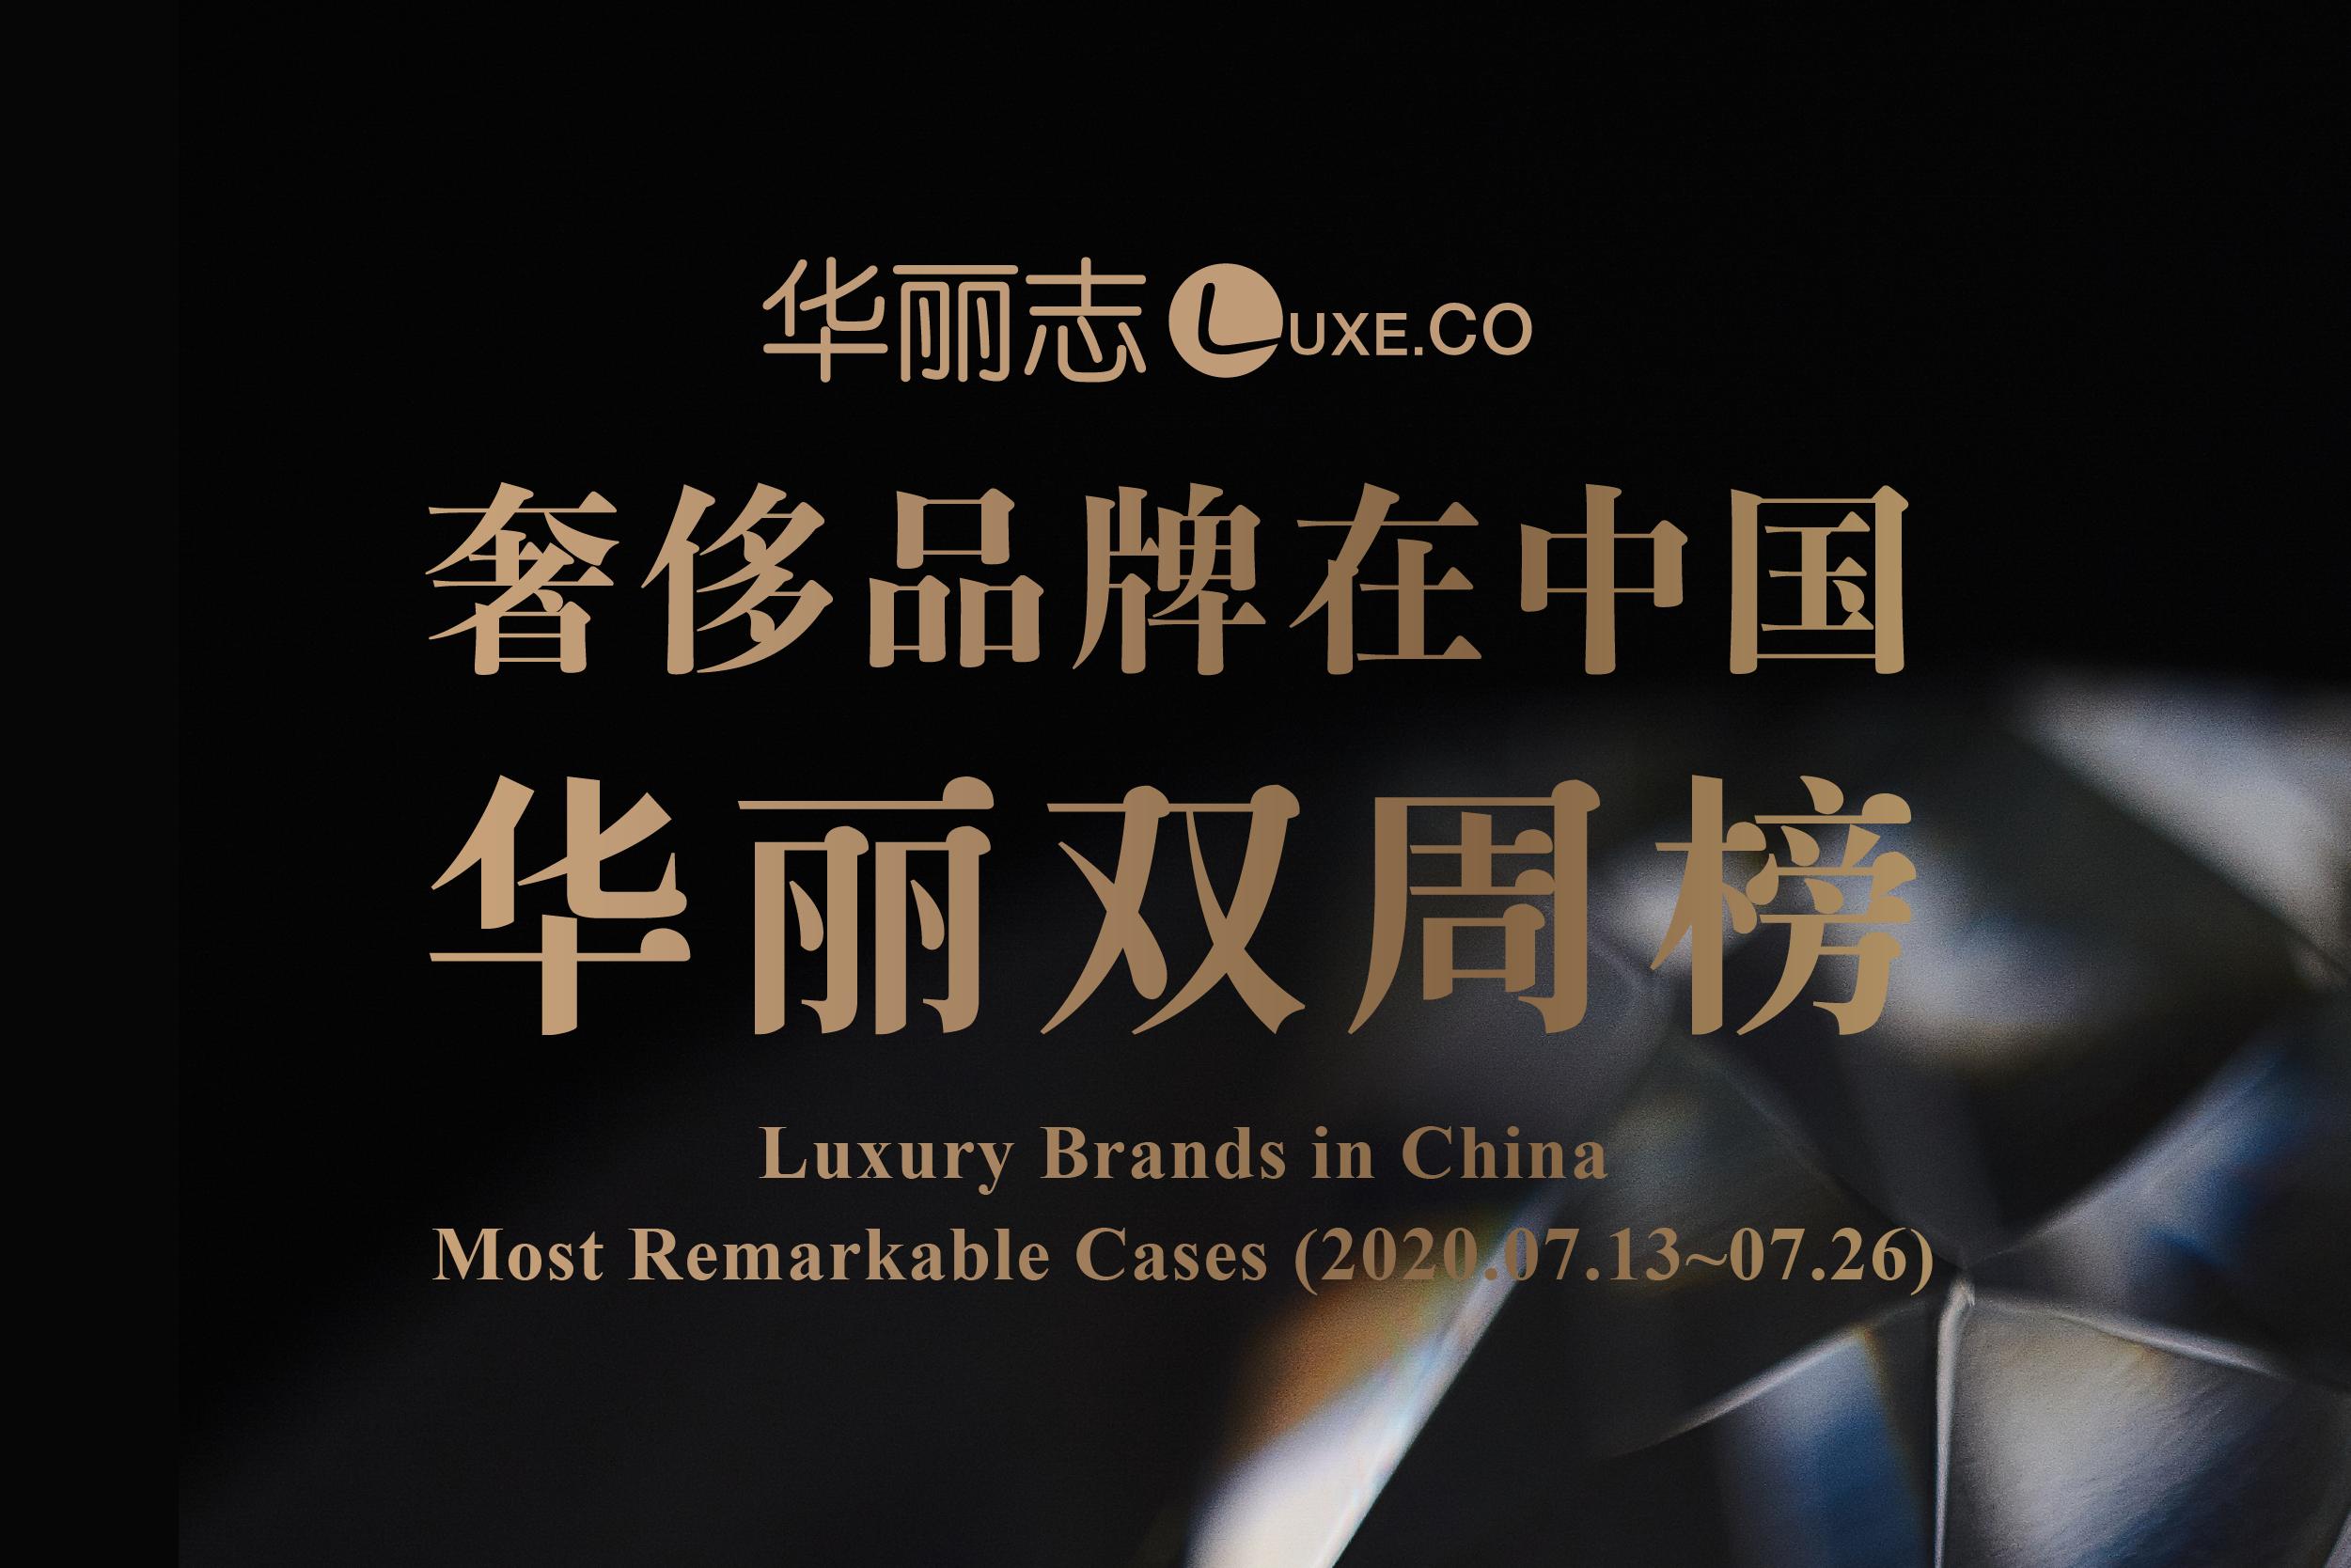 【华丽双周榜】过去两周,这三家奢侈品牌在中国的动作最值得关注!(2020第6期)